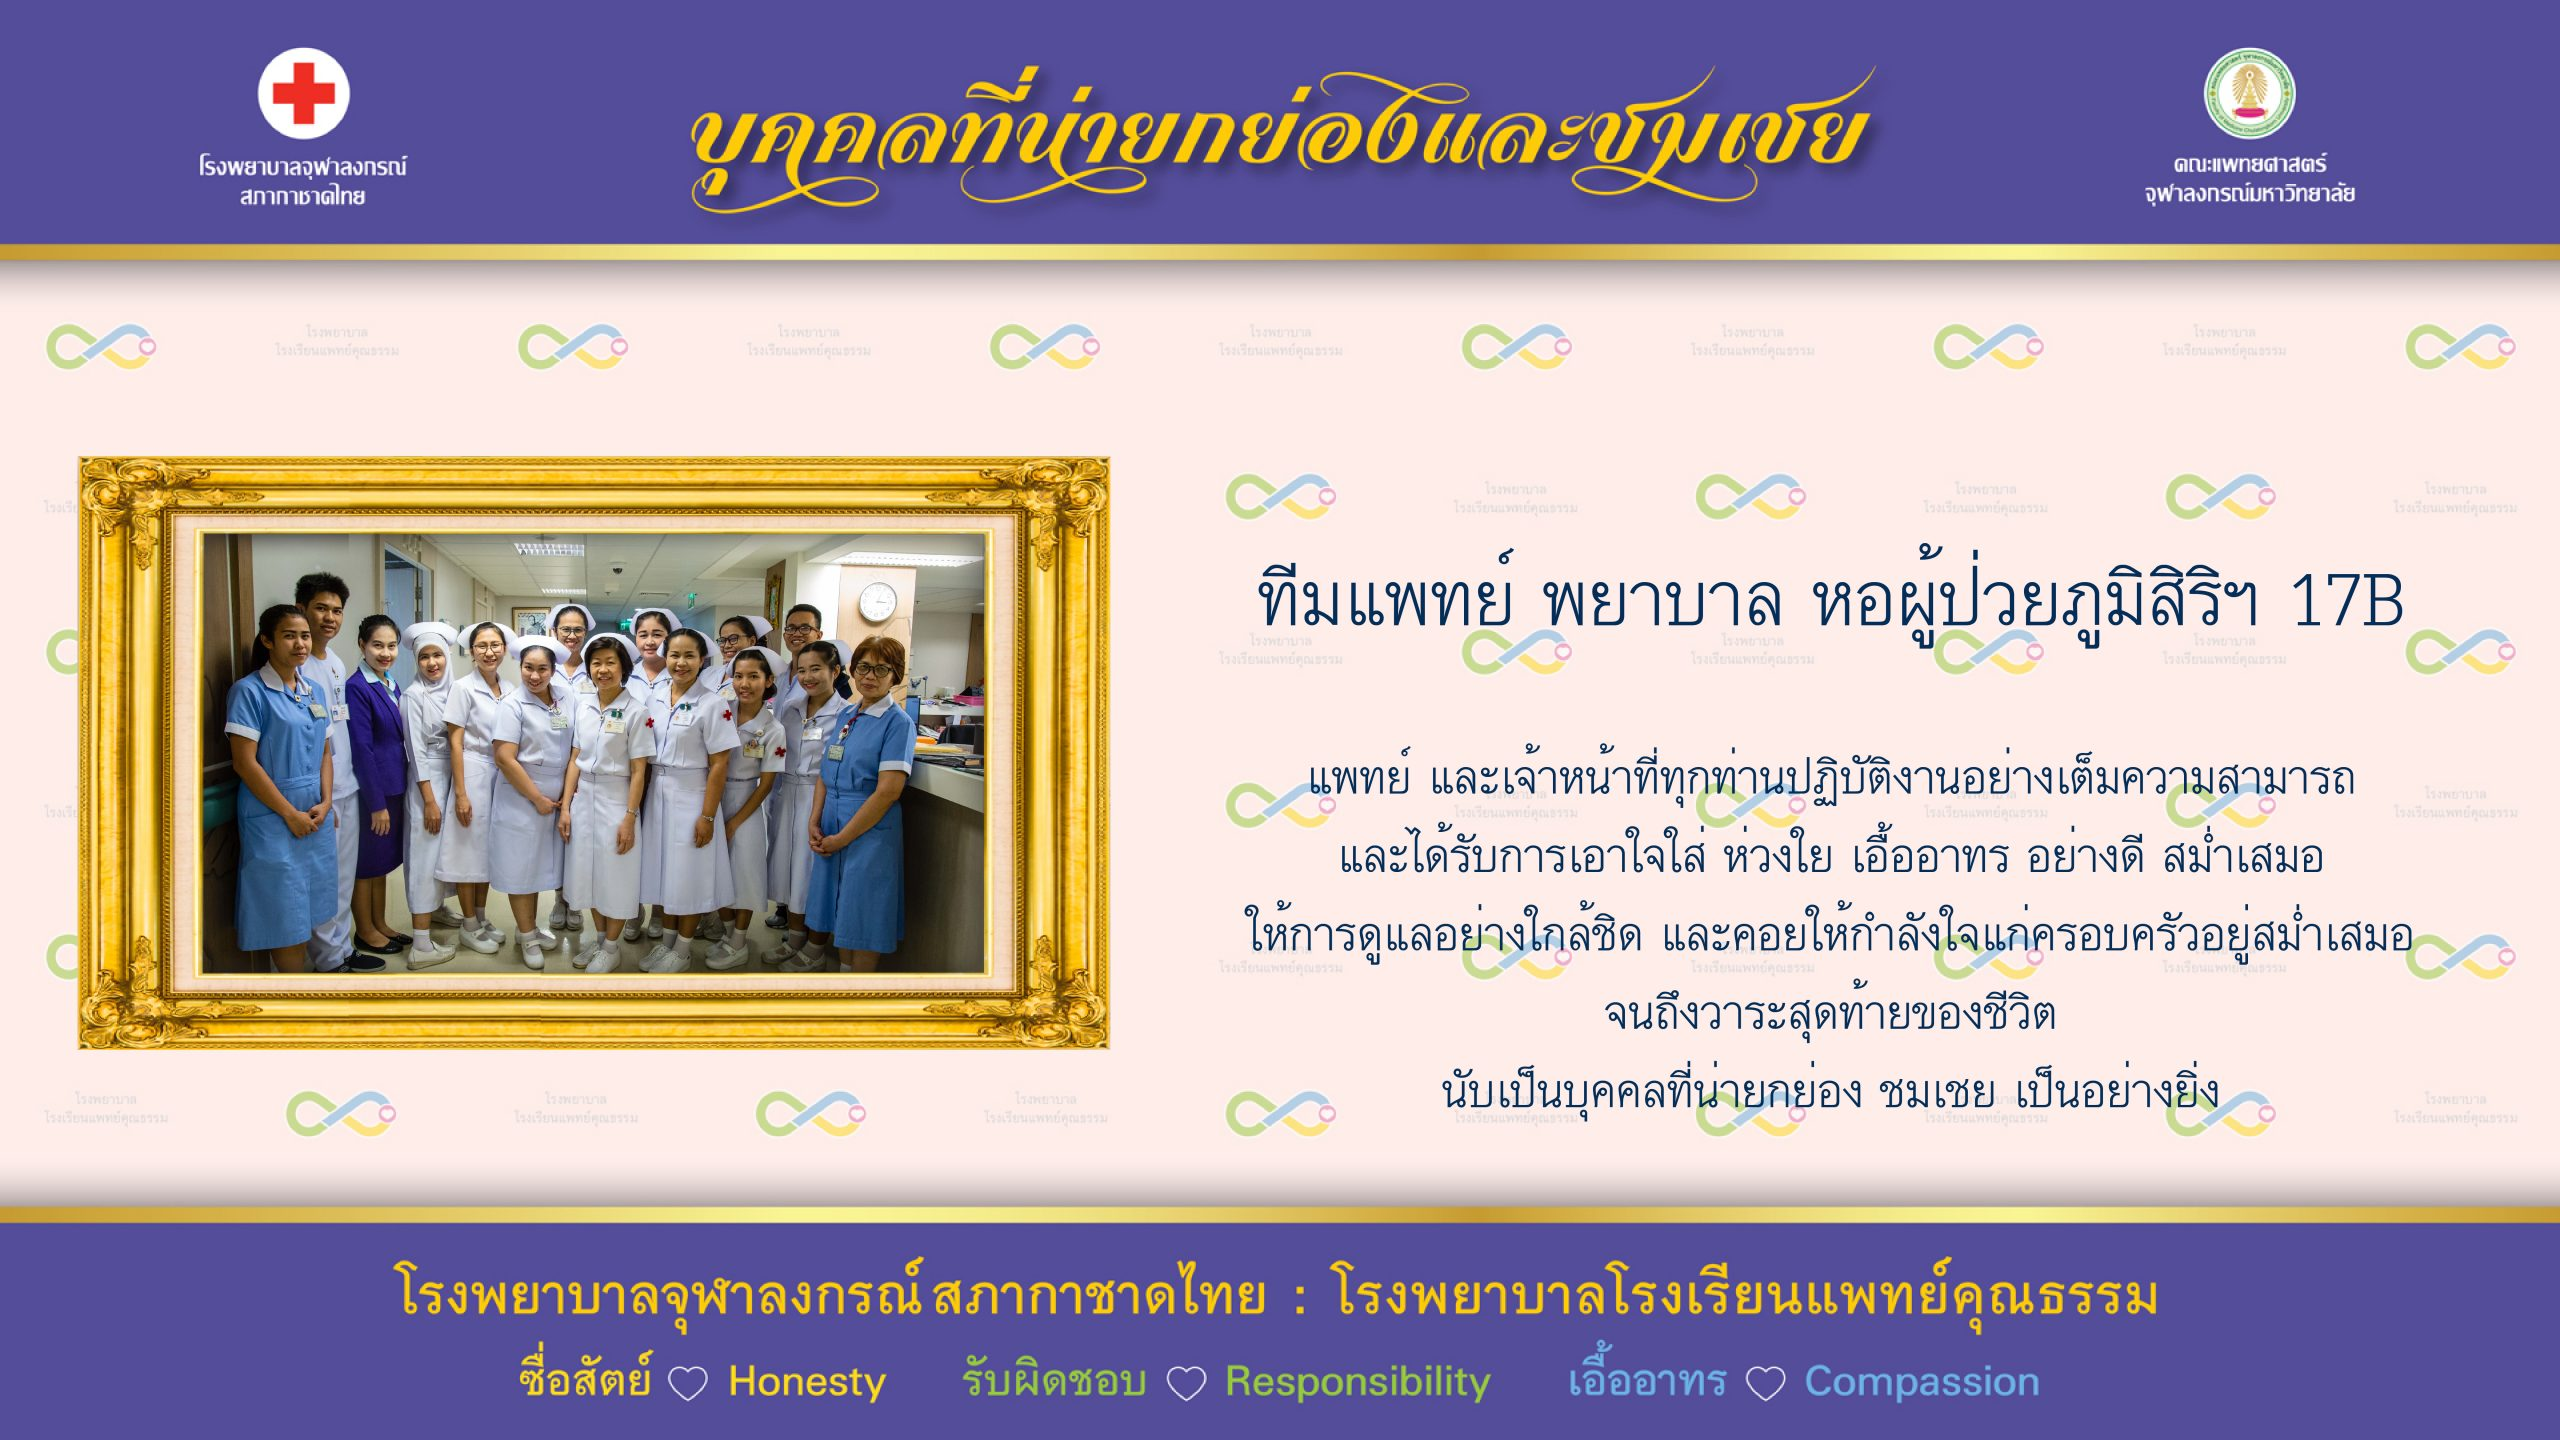 ทีมแพทย์ พยาบาล หอผู้ป่วยภูมิสิริฯ 17B